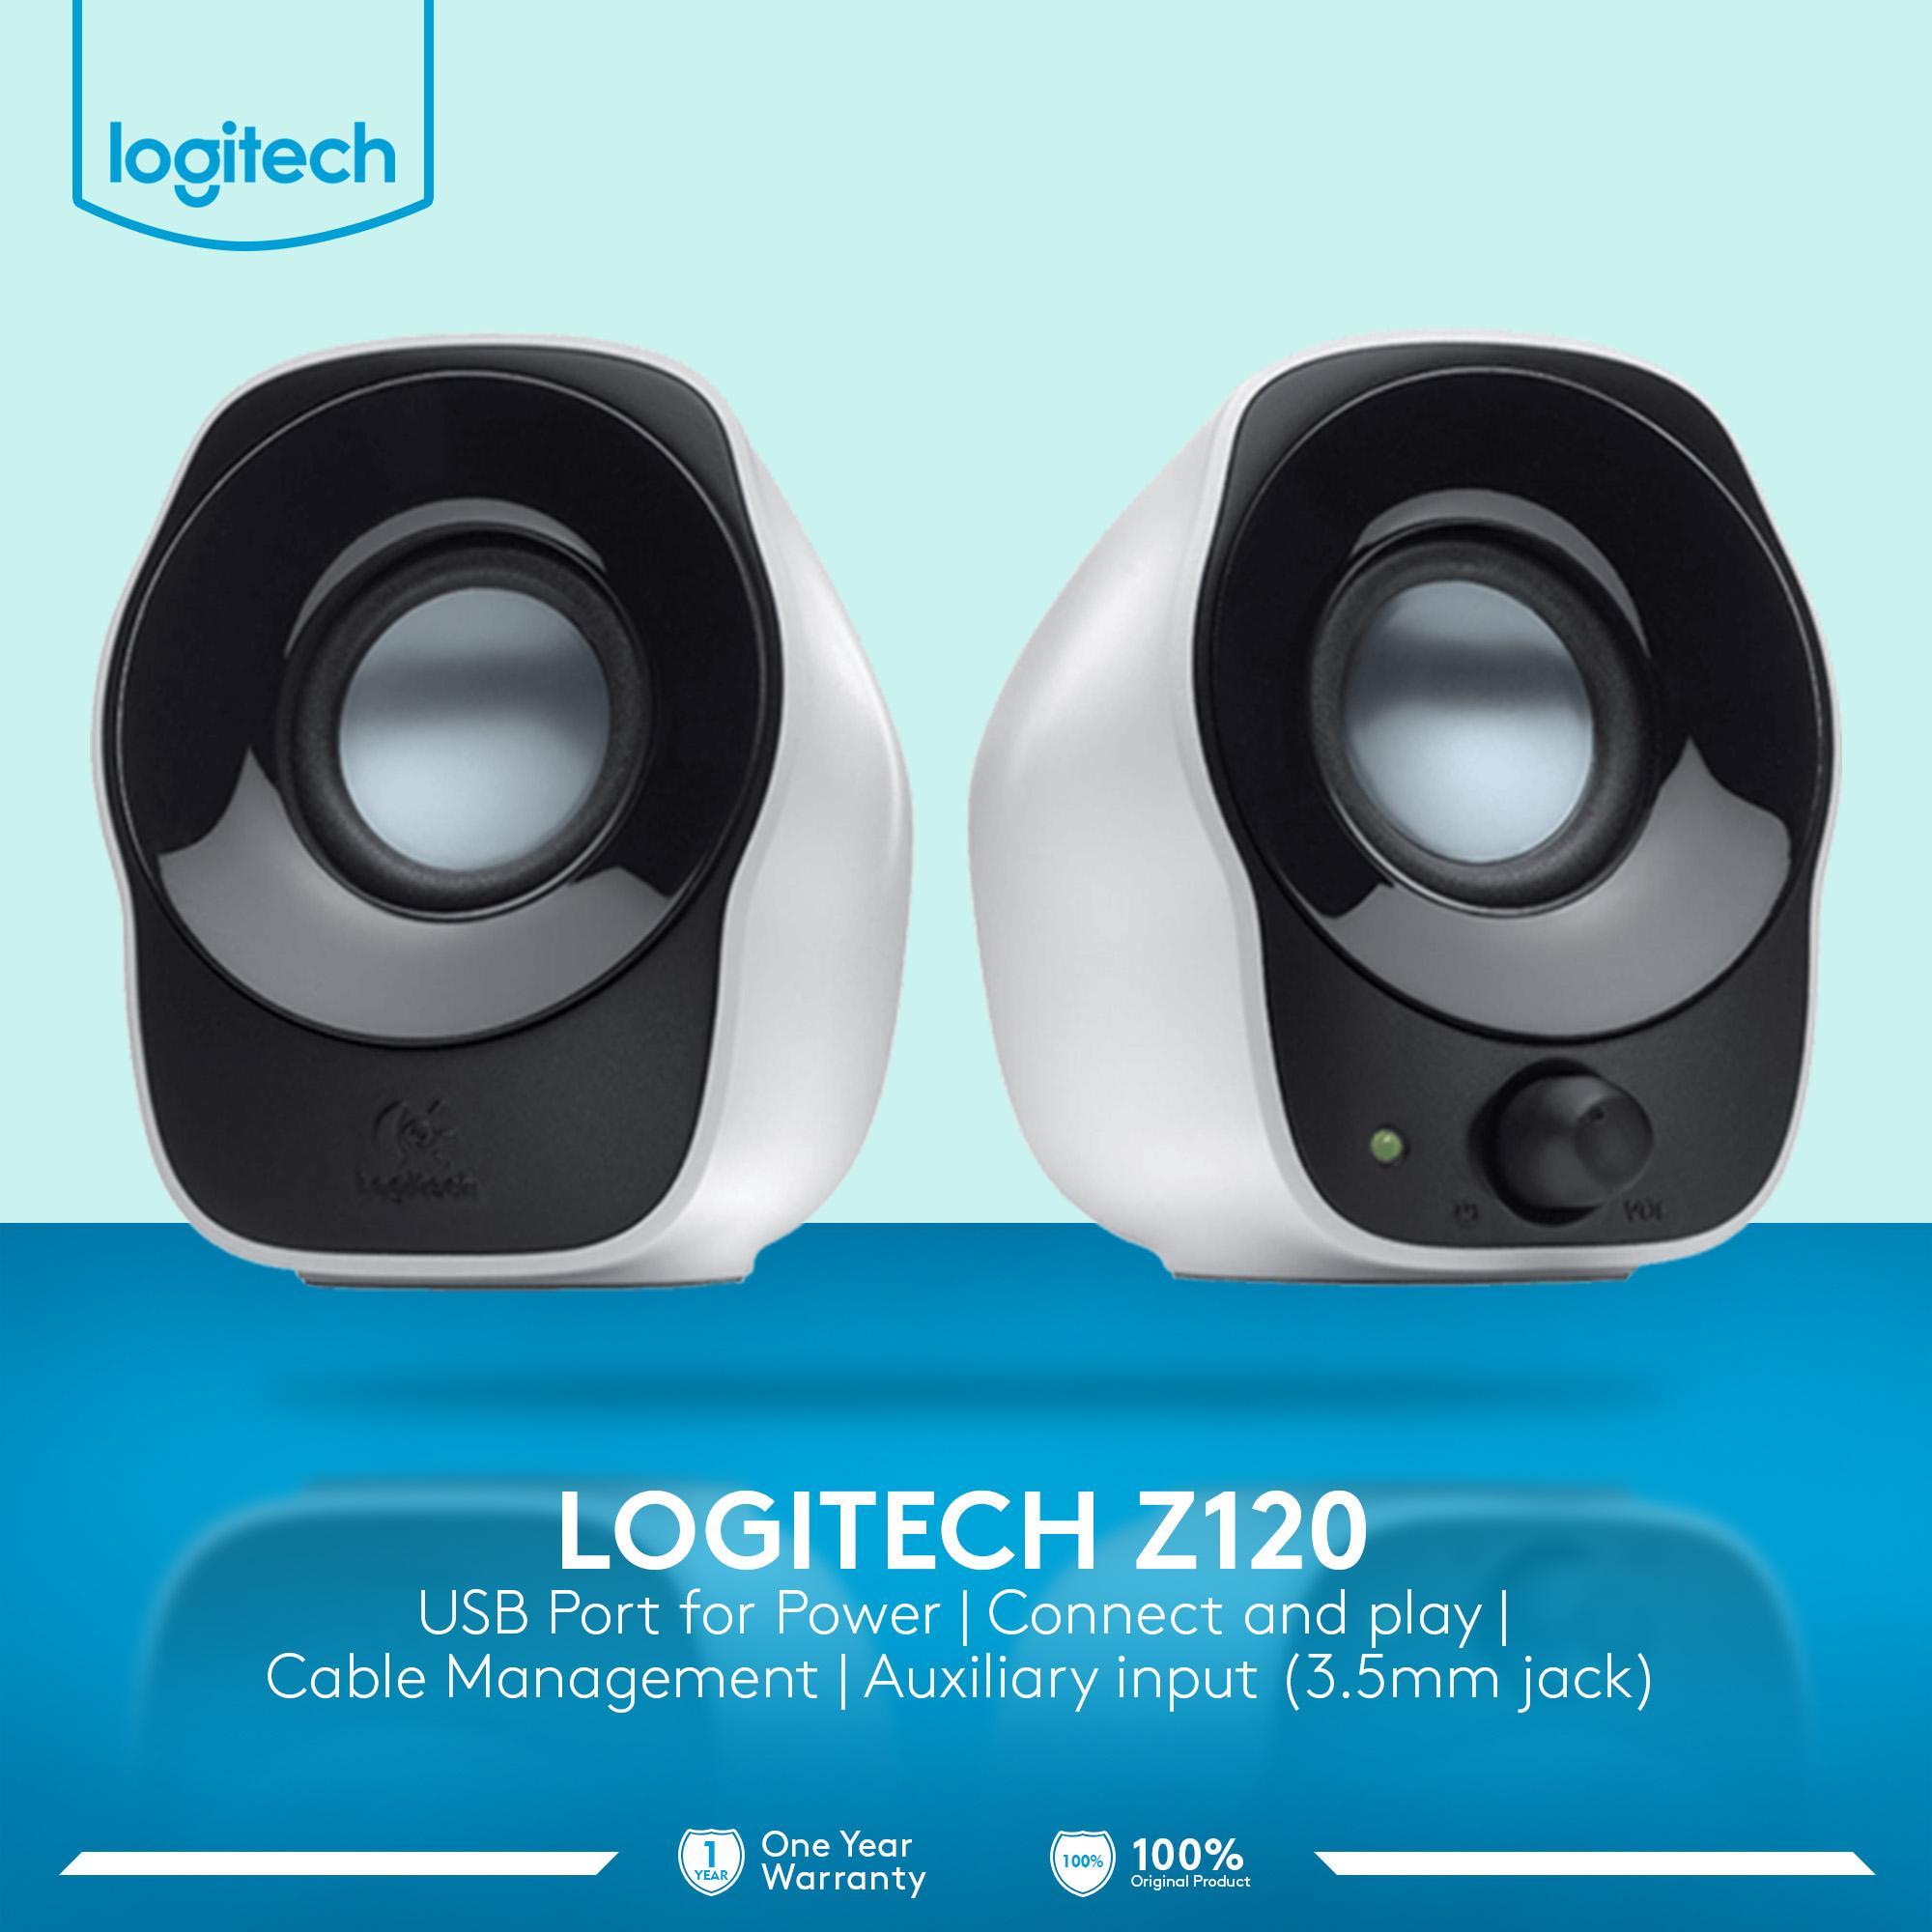 Buy Sell Cheapest Logitech Z120 Stereo Best Quality Product Deals Speakers Speaker 20 Usb Power